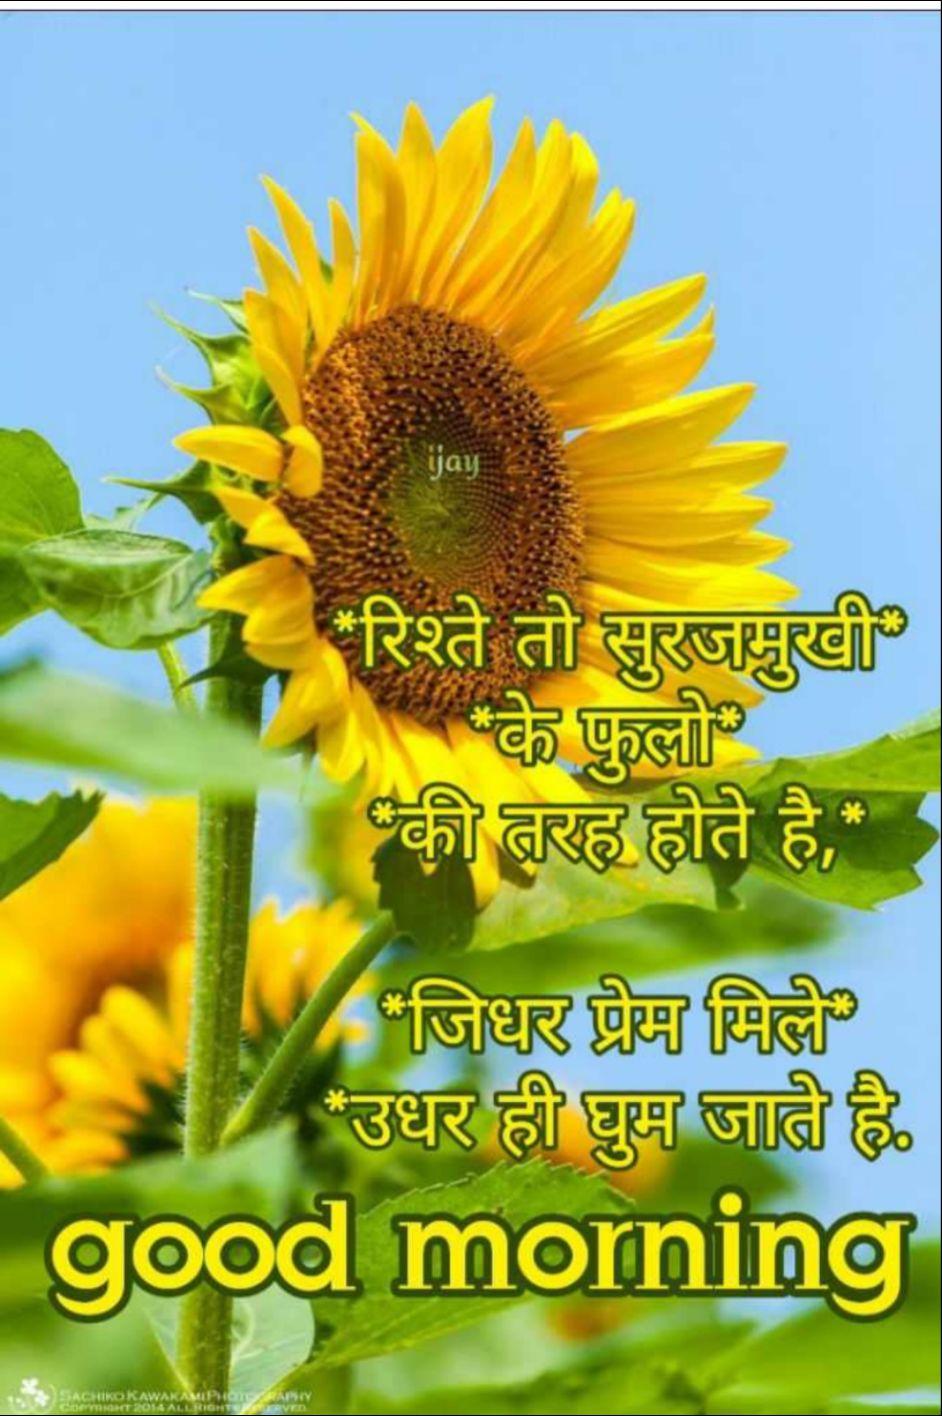 🙏खम्मा घणी - रिश्ते तो सुरजमुखी के फुलो की तरह होते है , जिधर प्रेम मिले उधर ही घुम जाते है . good morning DRAWAKAN - ShareChat